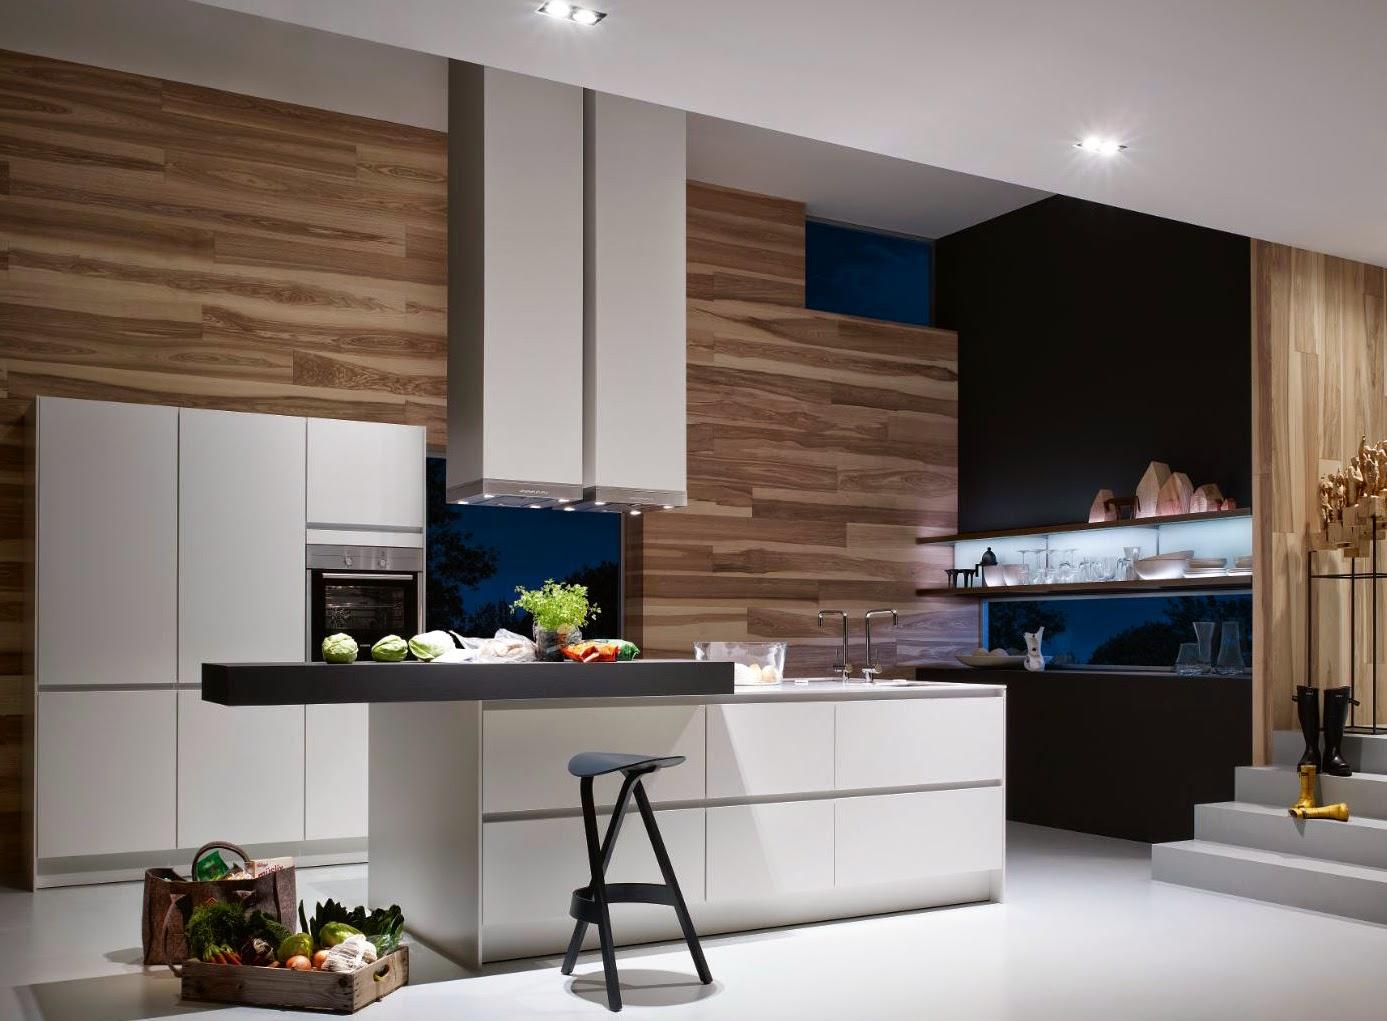 #644835 Another Image For de Cozinhas com Ilha Central e Ilha Americana! Veja  1387x1021 px Projetos Cozinha Ilha Central_5083 Imagens